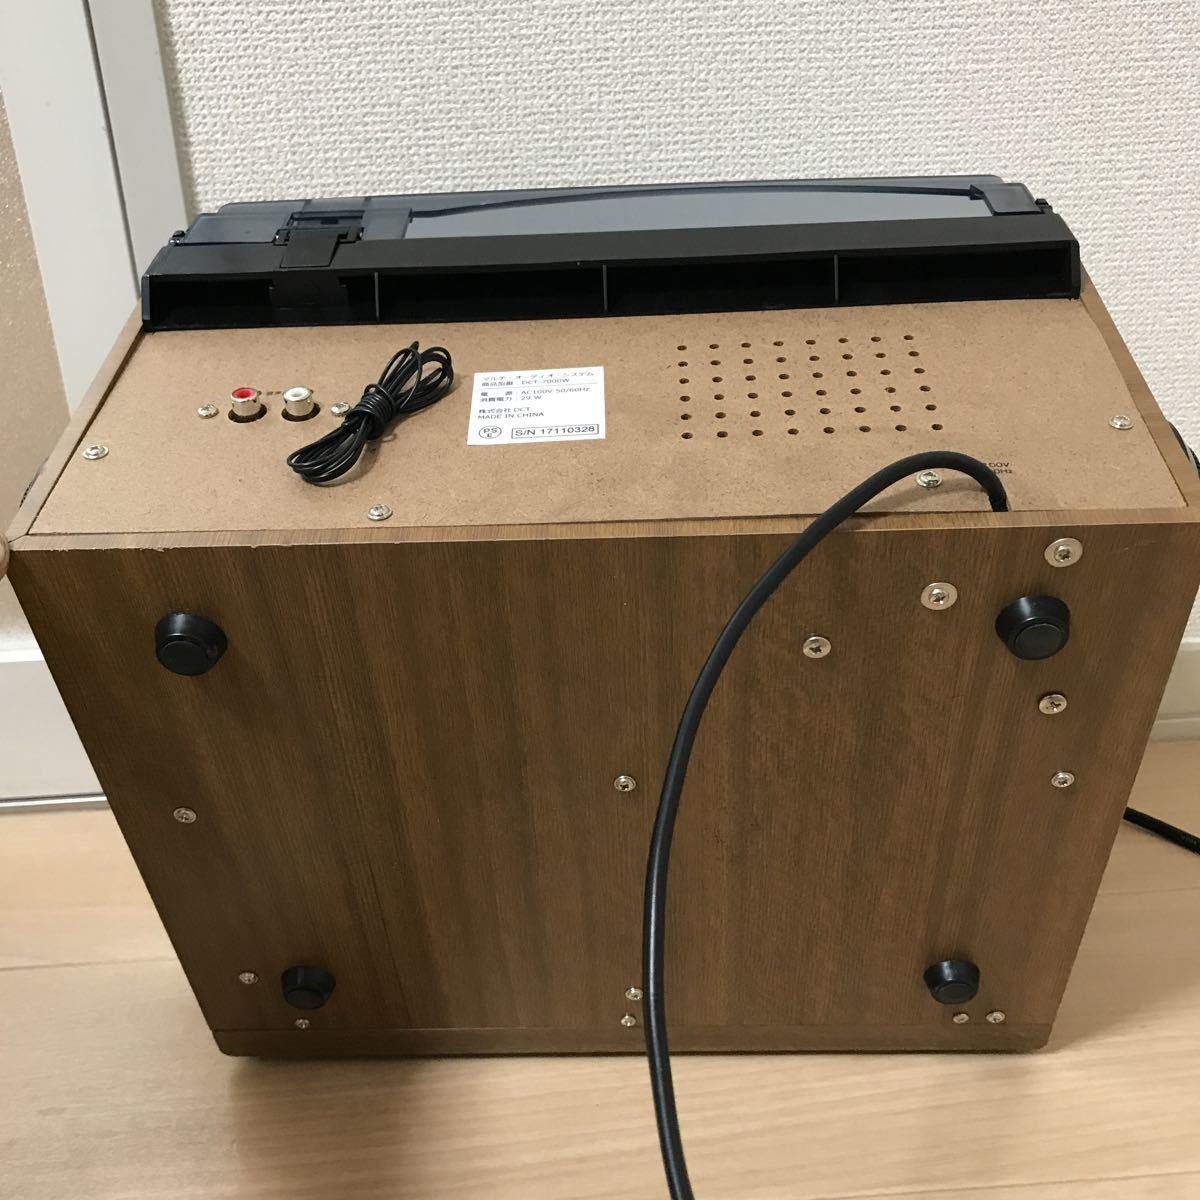 DCT/ダブルCD・マルチレコードプレーヤー DCT-7000W リモコン欠品_画像9